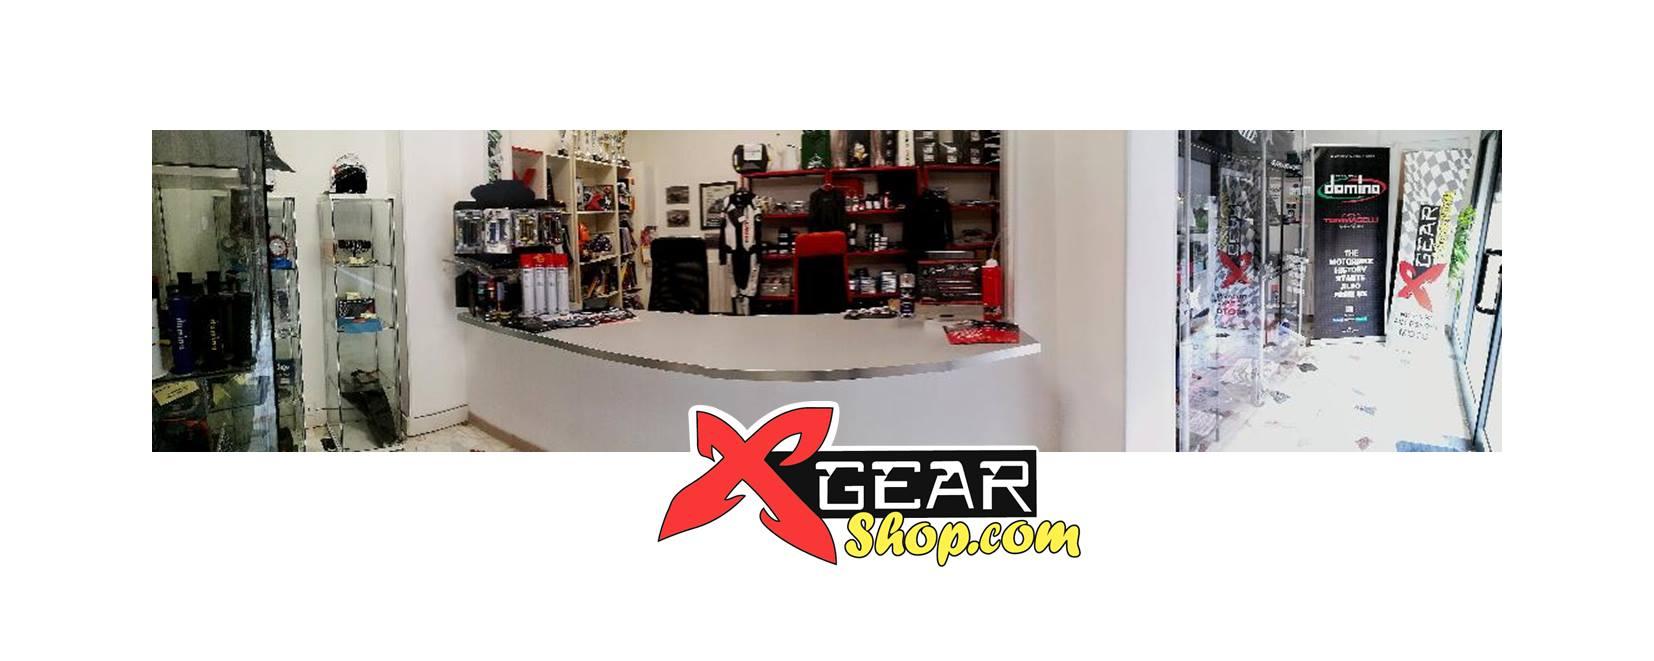 negozio Xgear Shop